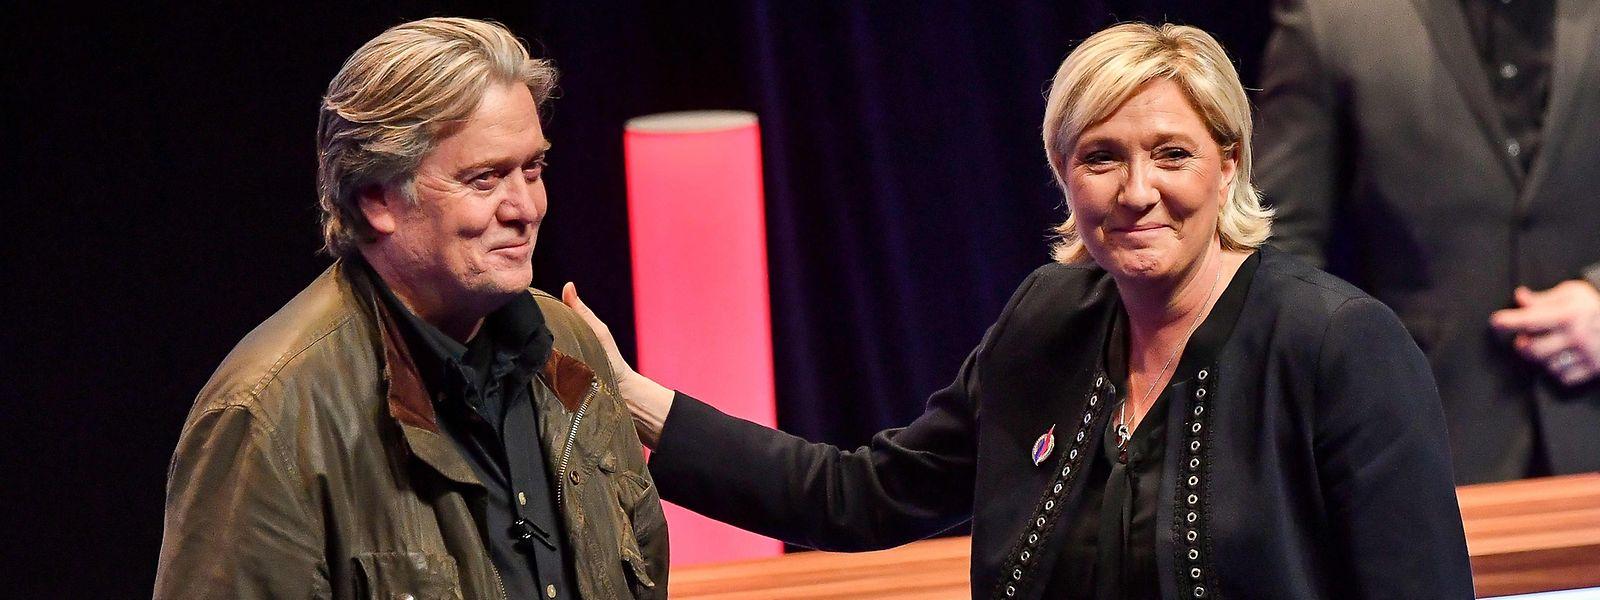 PR-Coup: Am Samstag trat der ultrarechte Steve Bannon mit Le Pen vor den FN-Mitgliedern auf